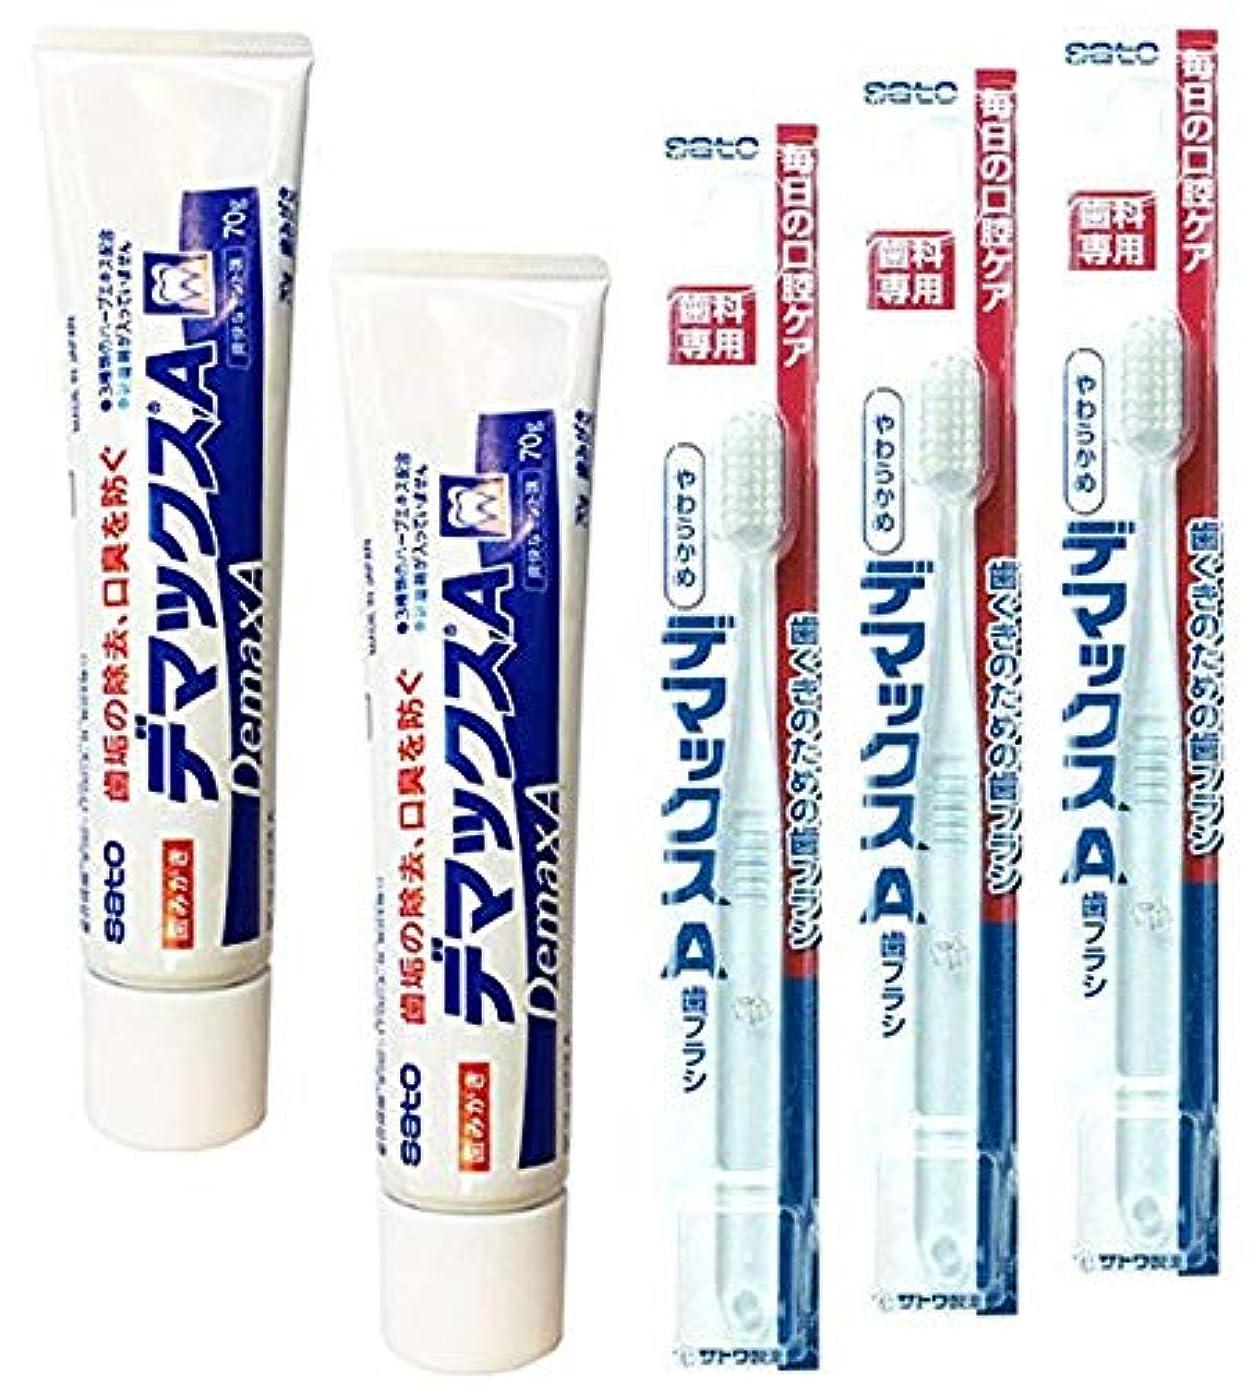 罪悪感恐ろしいですヒール佐藤製薬 デマックスA 歯磨き粉(70g) 2個 + デマックスA 歯ブラシ 3本 セット